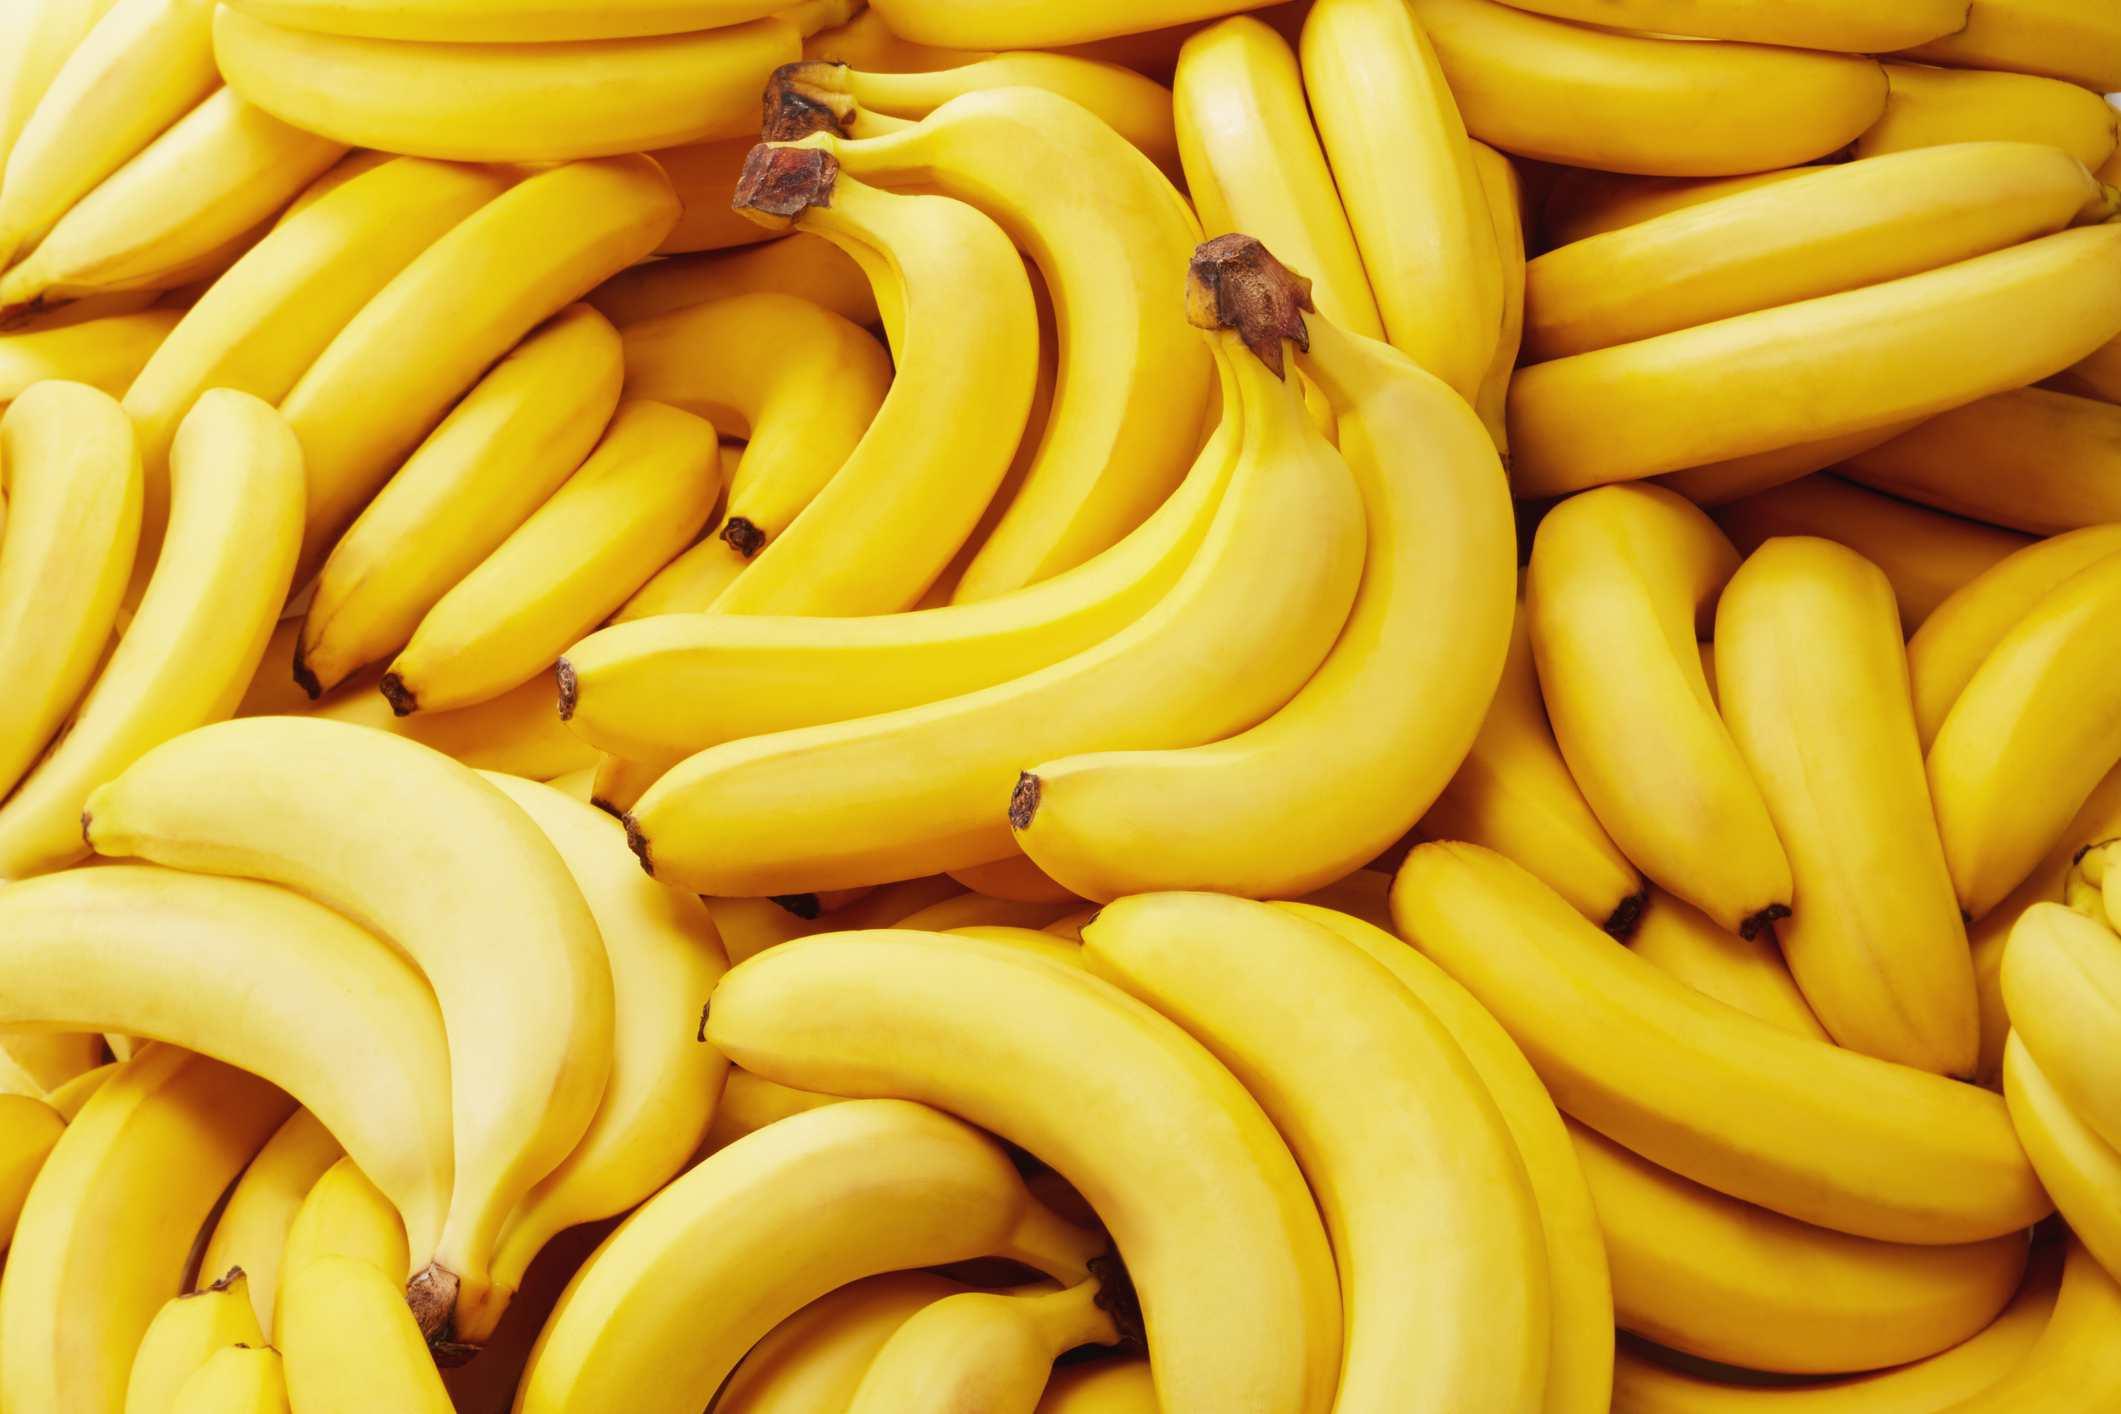 A close-up of bananas